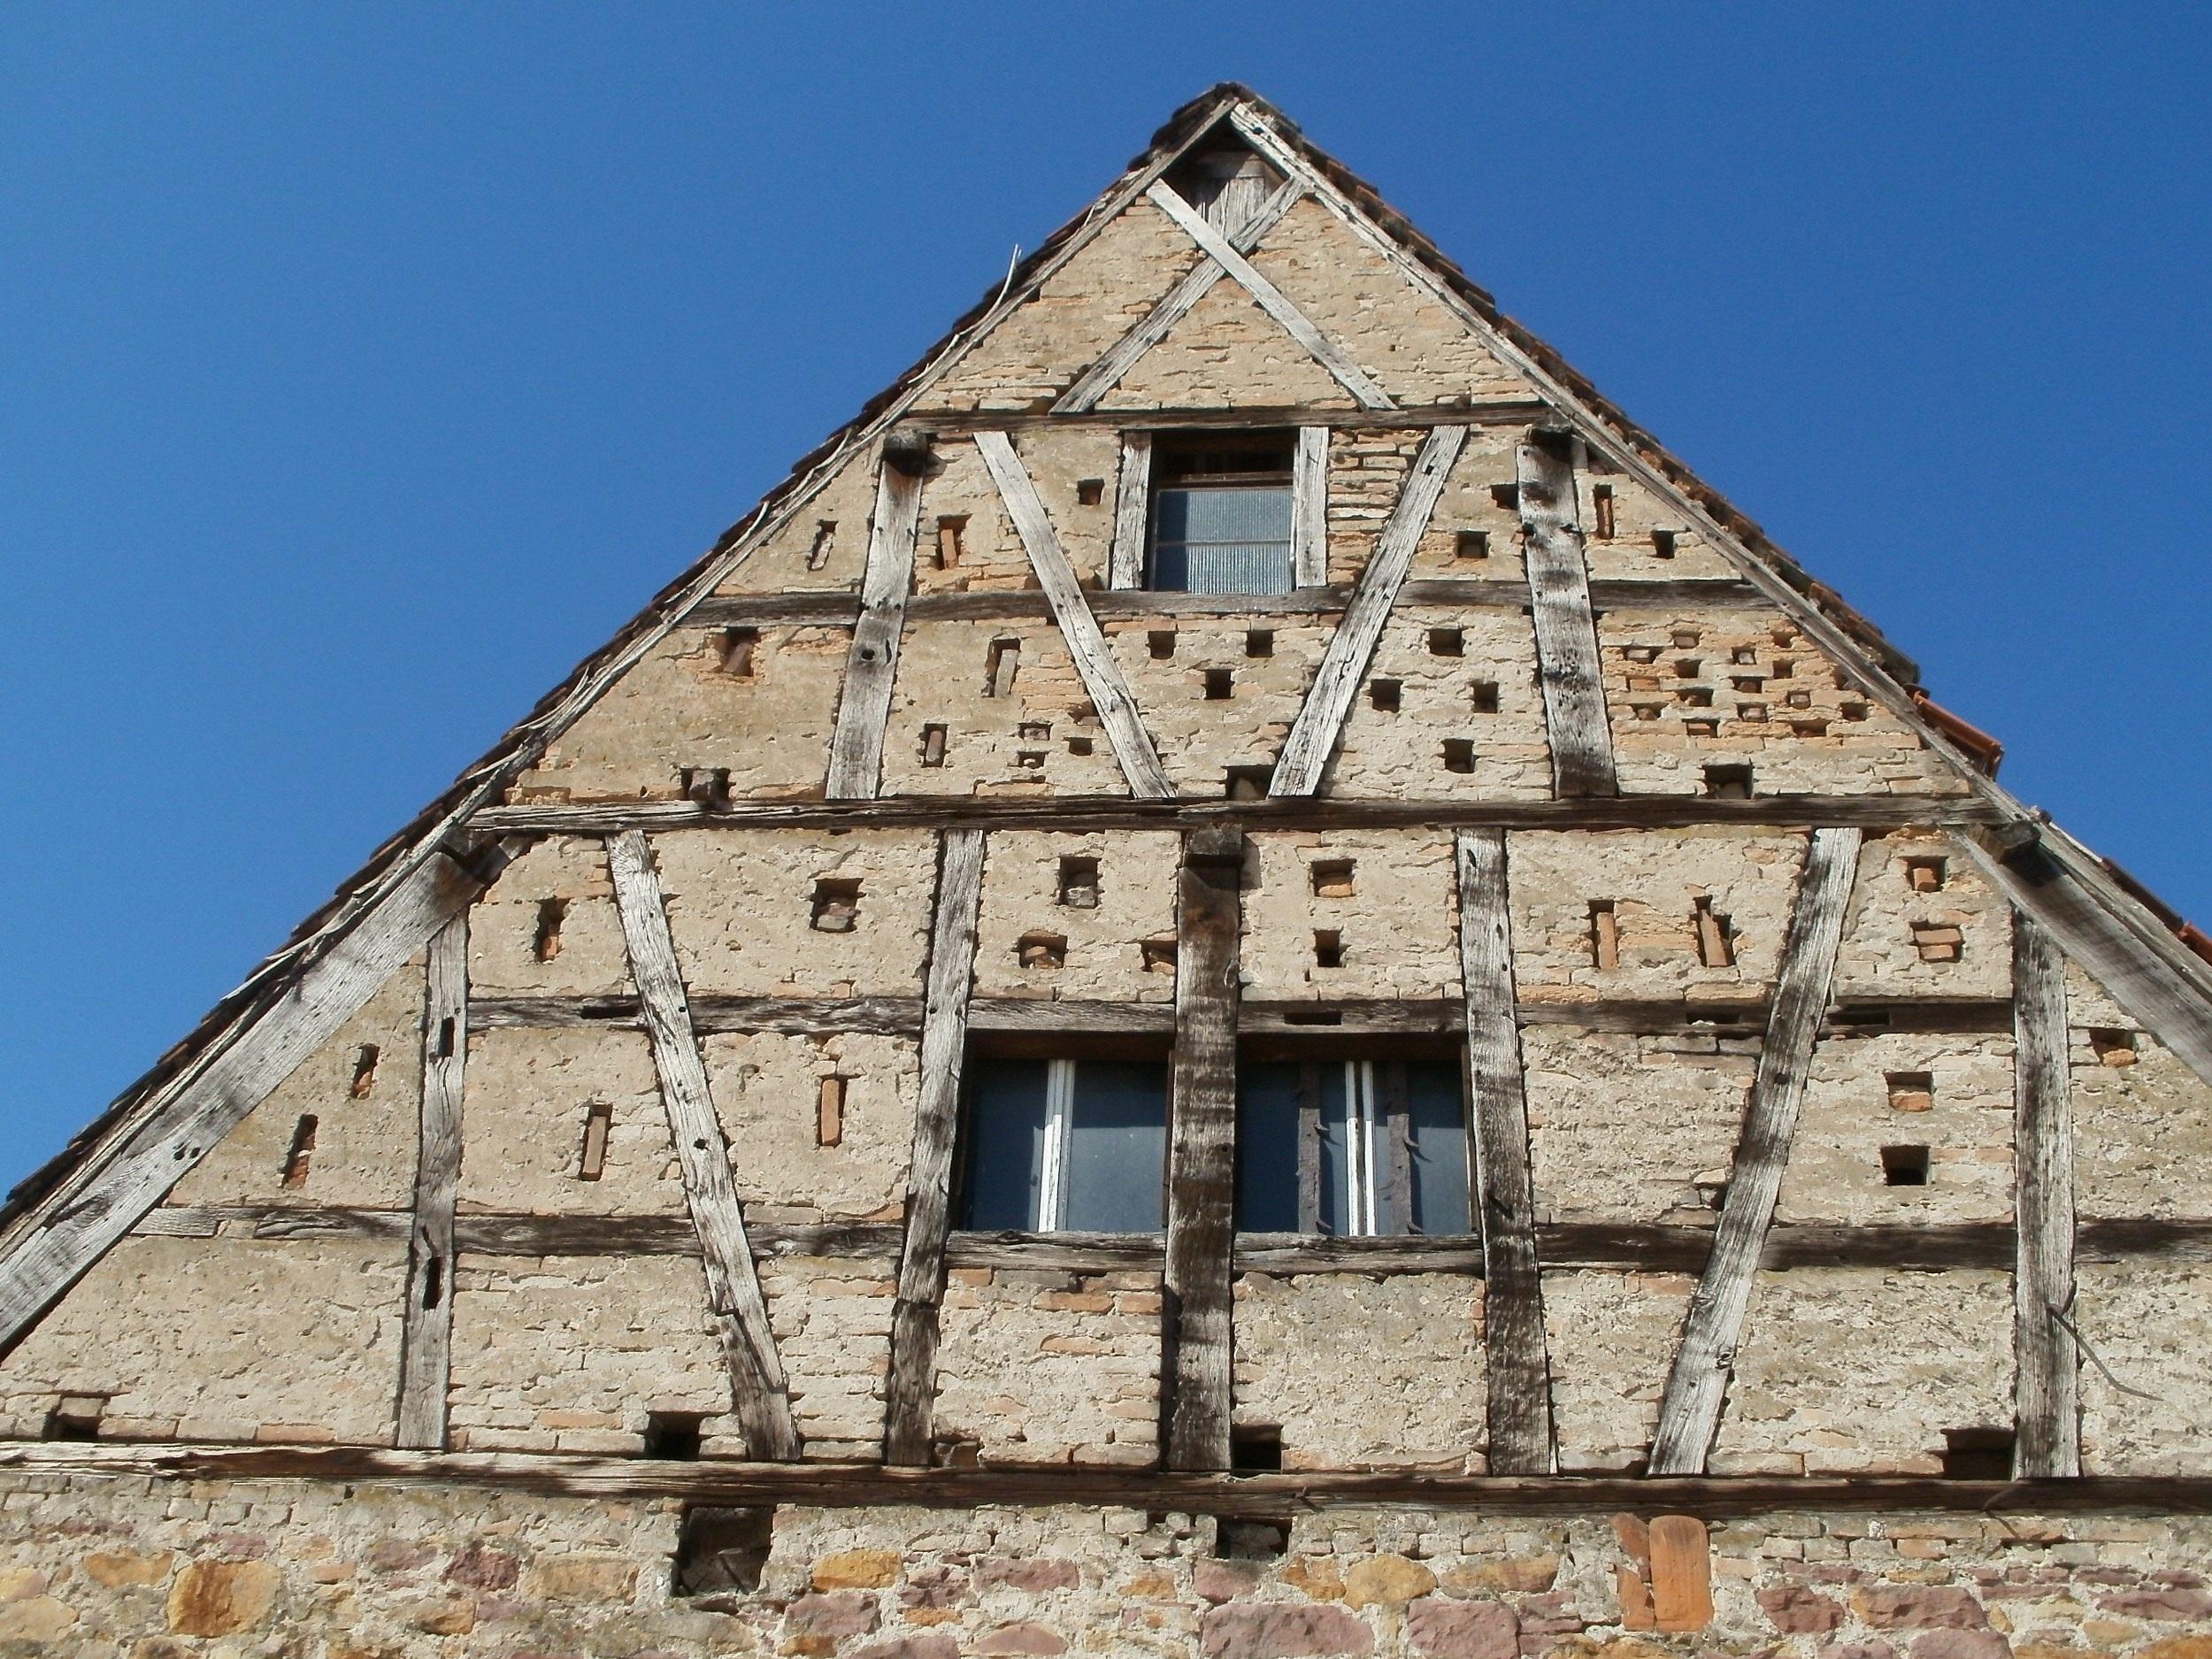 Kostenlose foto : Struktur, Haus, Textur, Stadt, Dach, Gebäude, alt ...